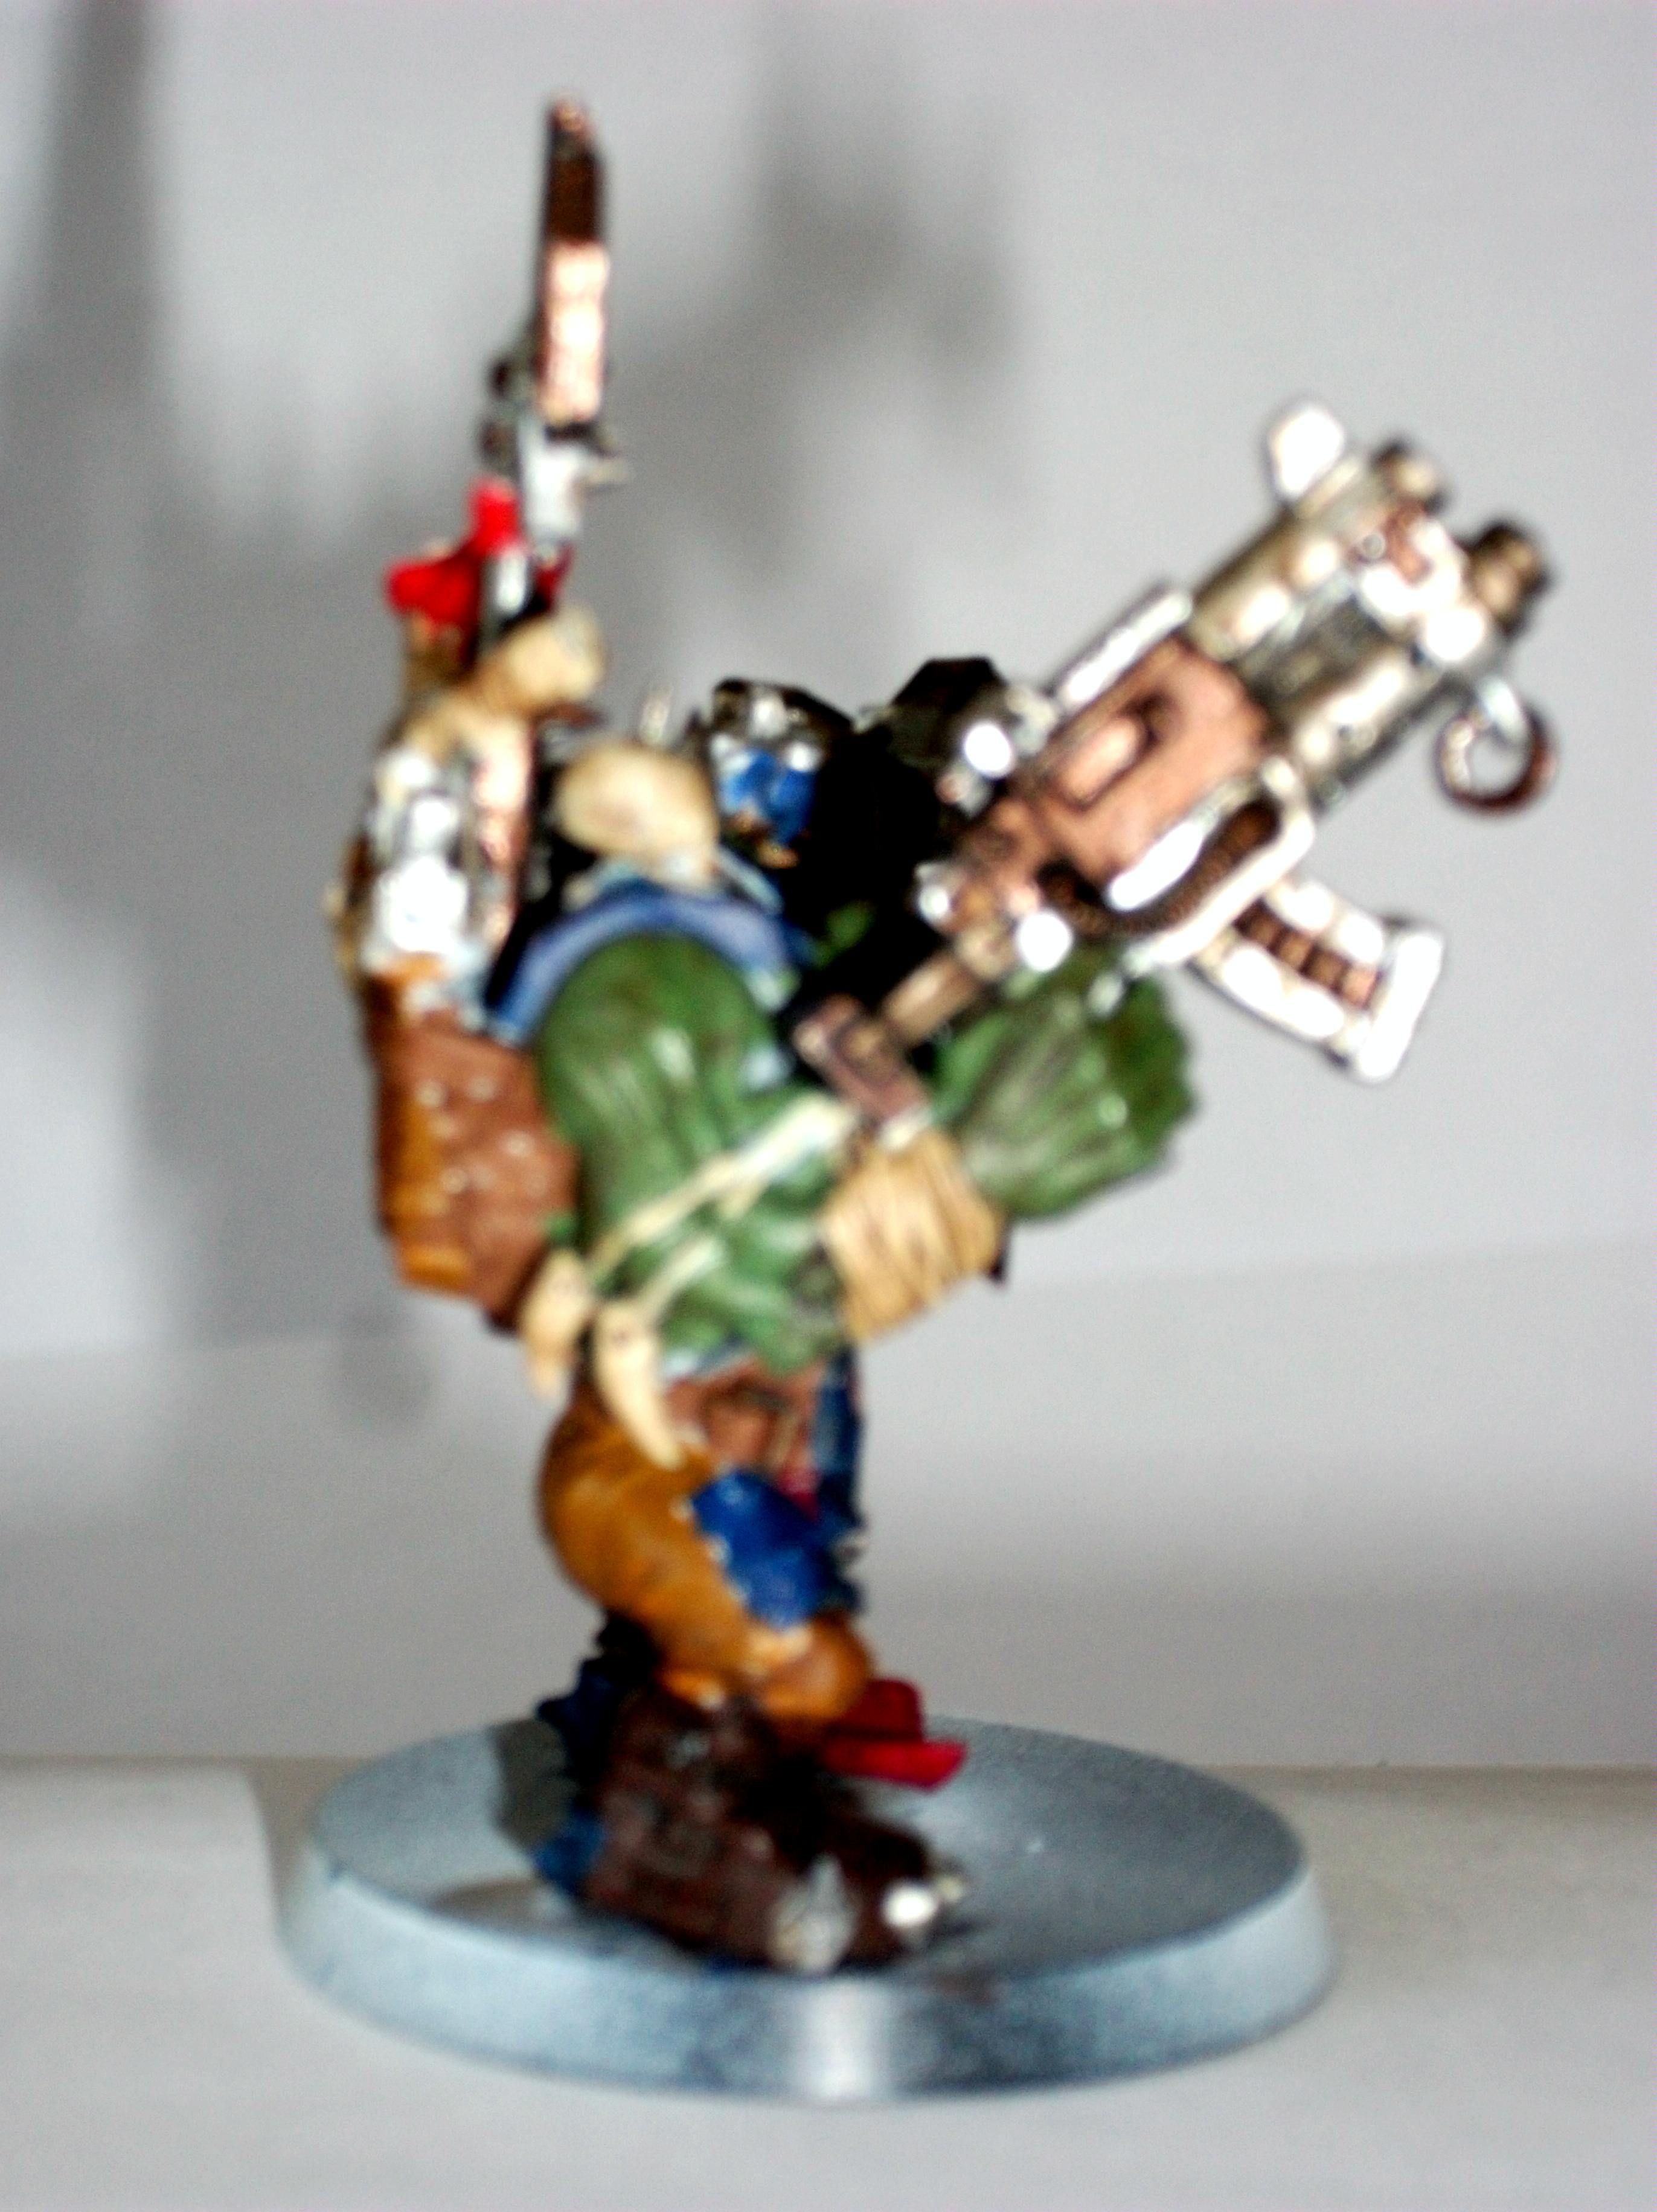 Blurred Photo, Orks, Warboss, Warhammer 40,000